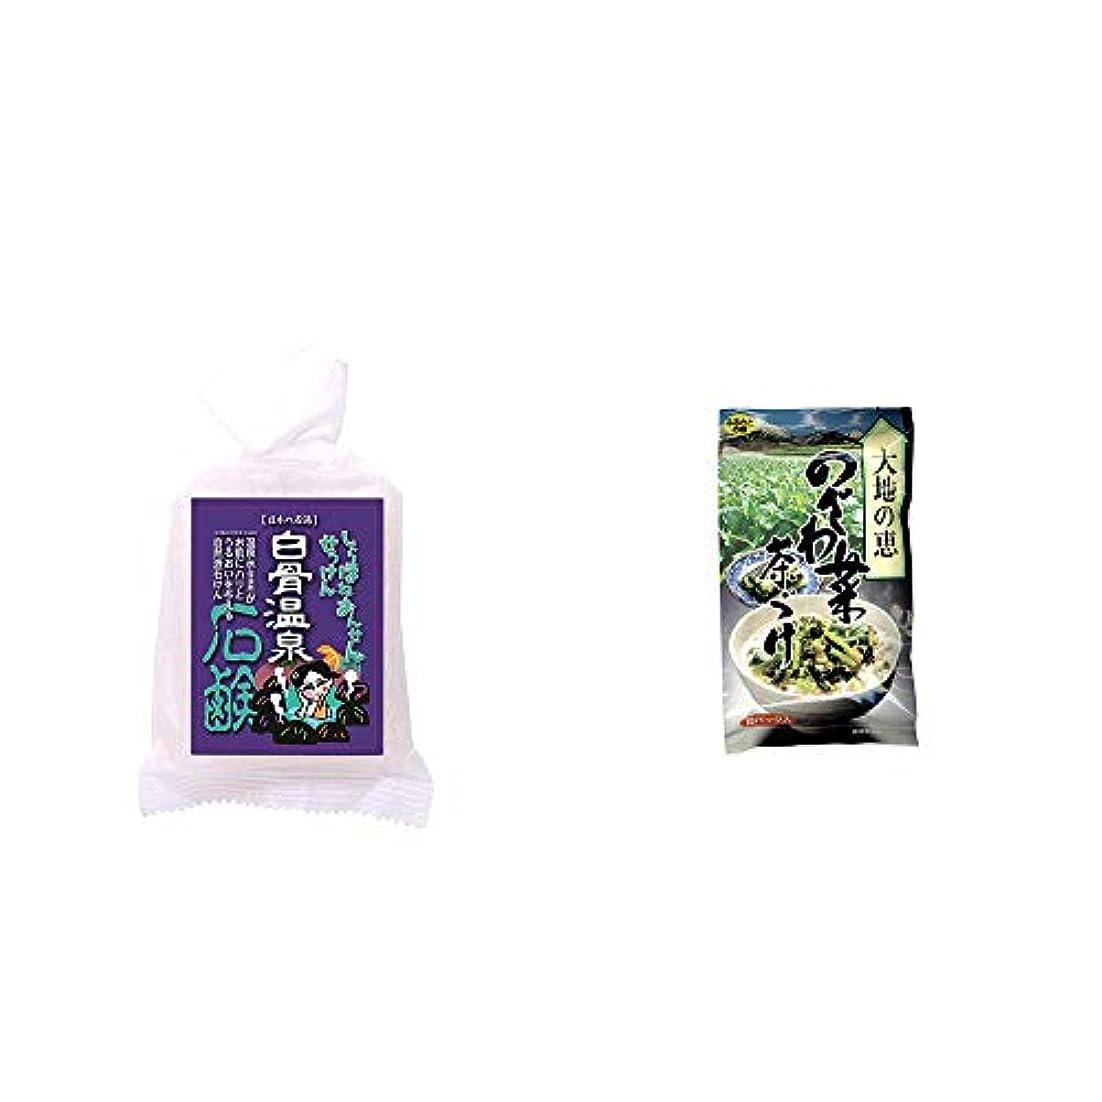 単位マキシムアストロラーベ[2点セット] 信州 白骨温泉石鹸(80g)?特選茶漬け 大地の恵 のざわ菜茶づけ(10袋入)